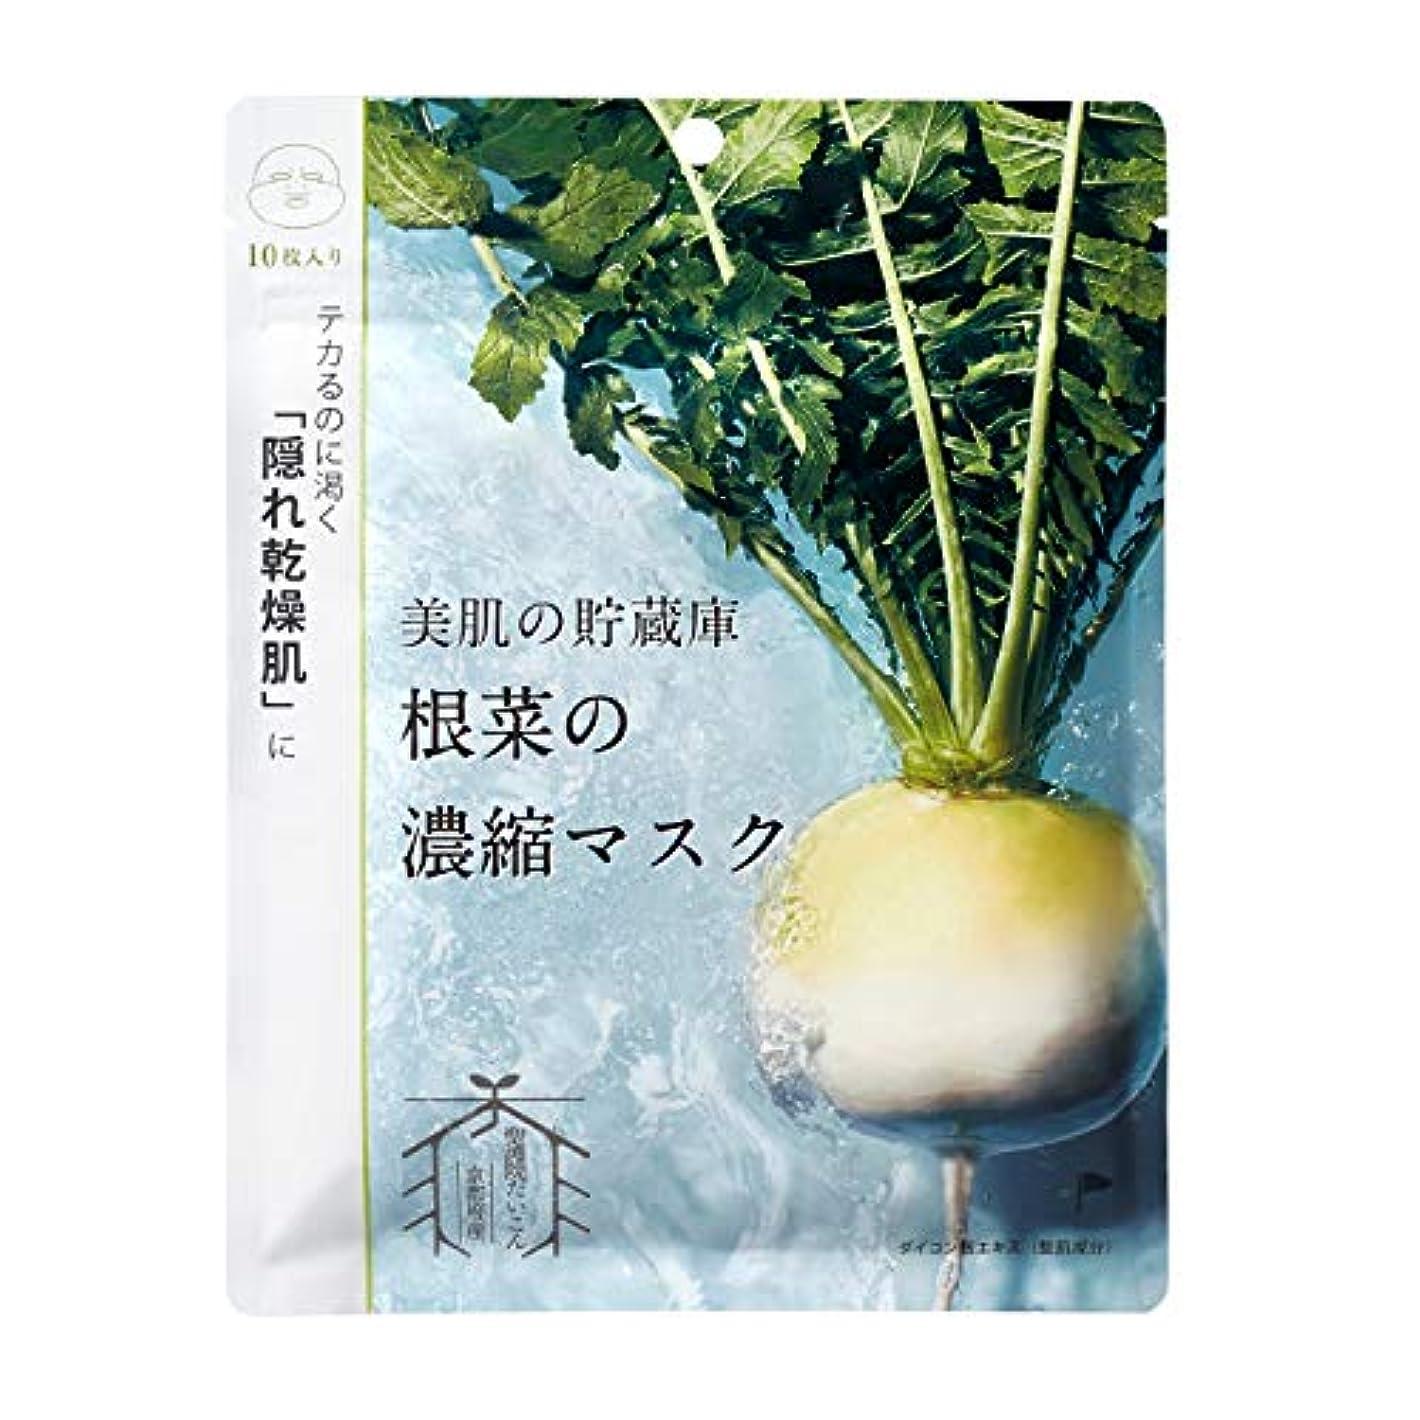 磁気放棄された攻撃@cosme nippon 美肌の貯蔵庫 根菜の濃縮マスク 聖護院だいこん 10枚入 148ml